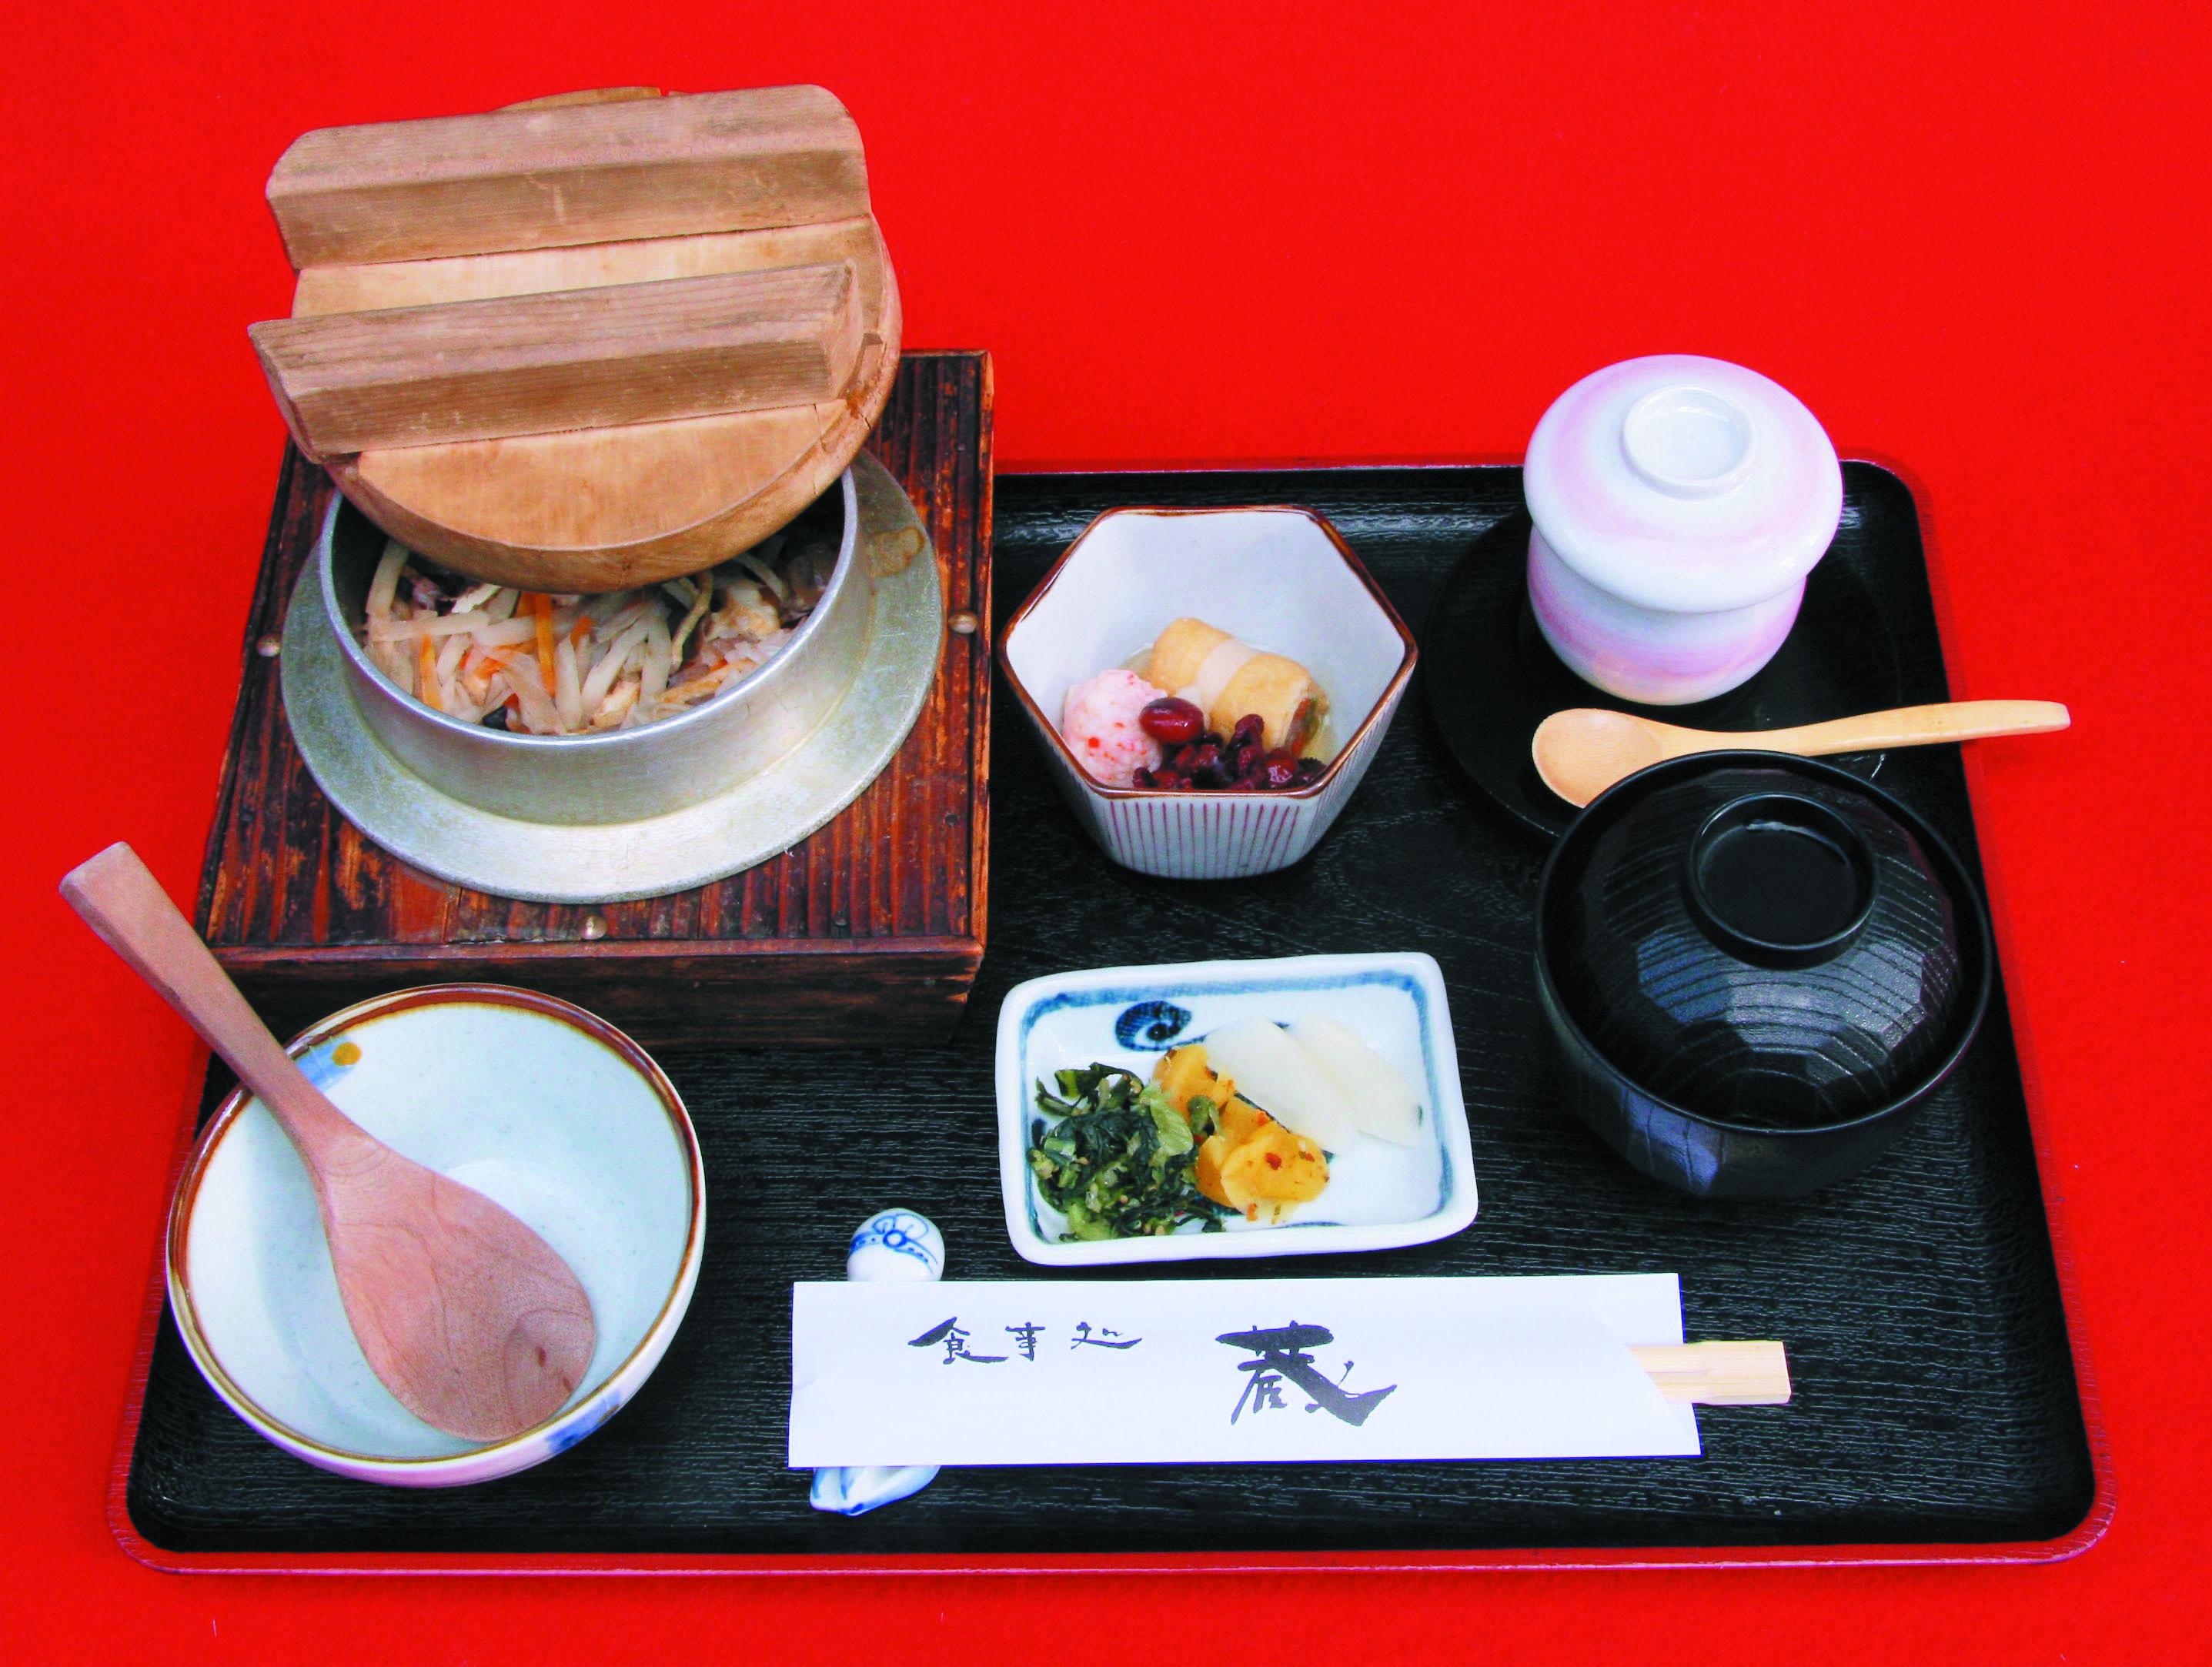 梅釜めし定食 900円(小鉢・蒸し物・吸物付)